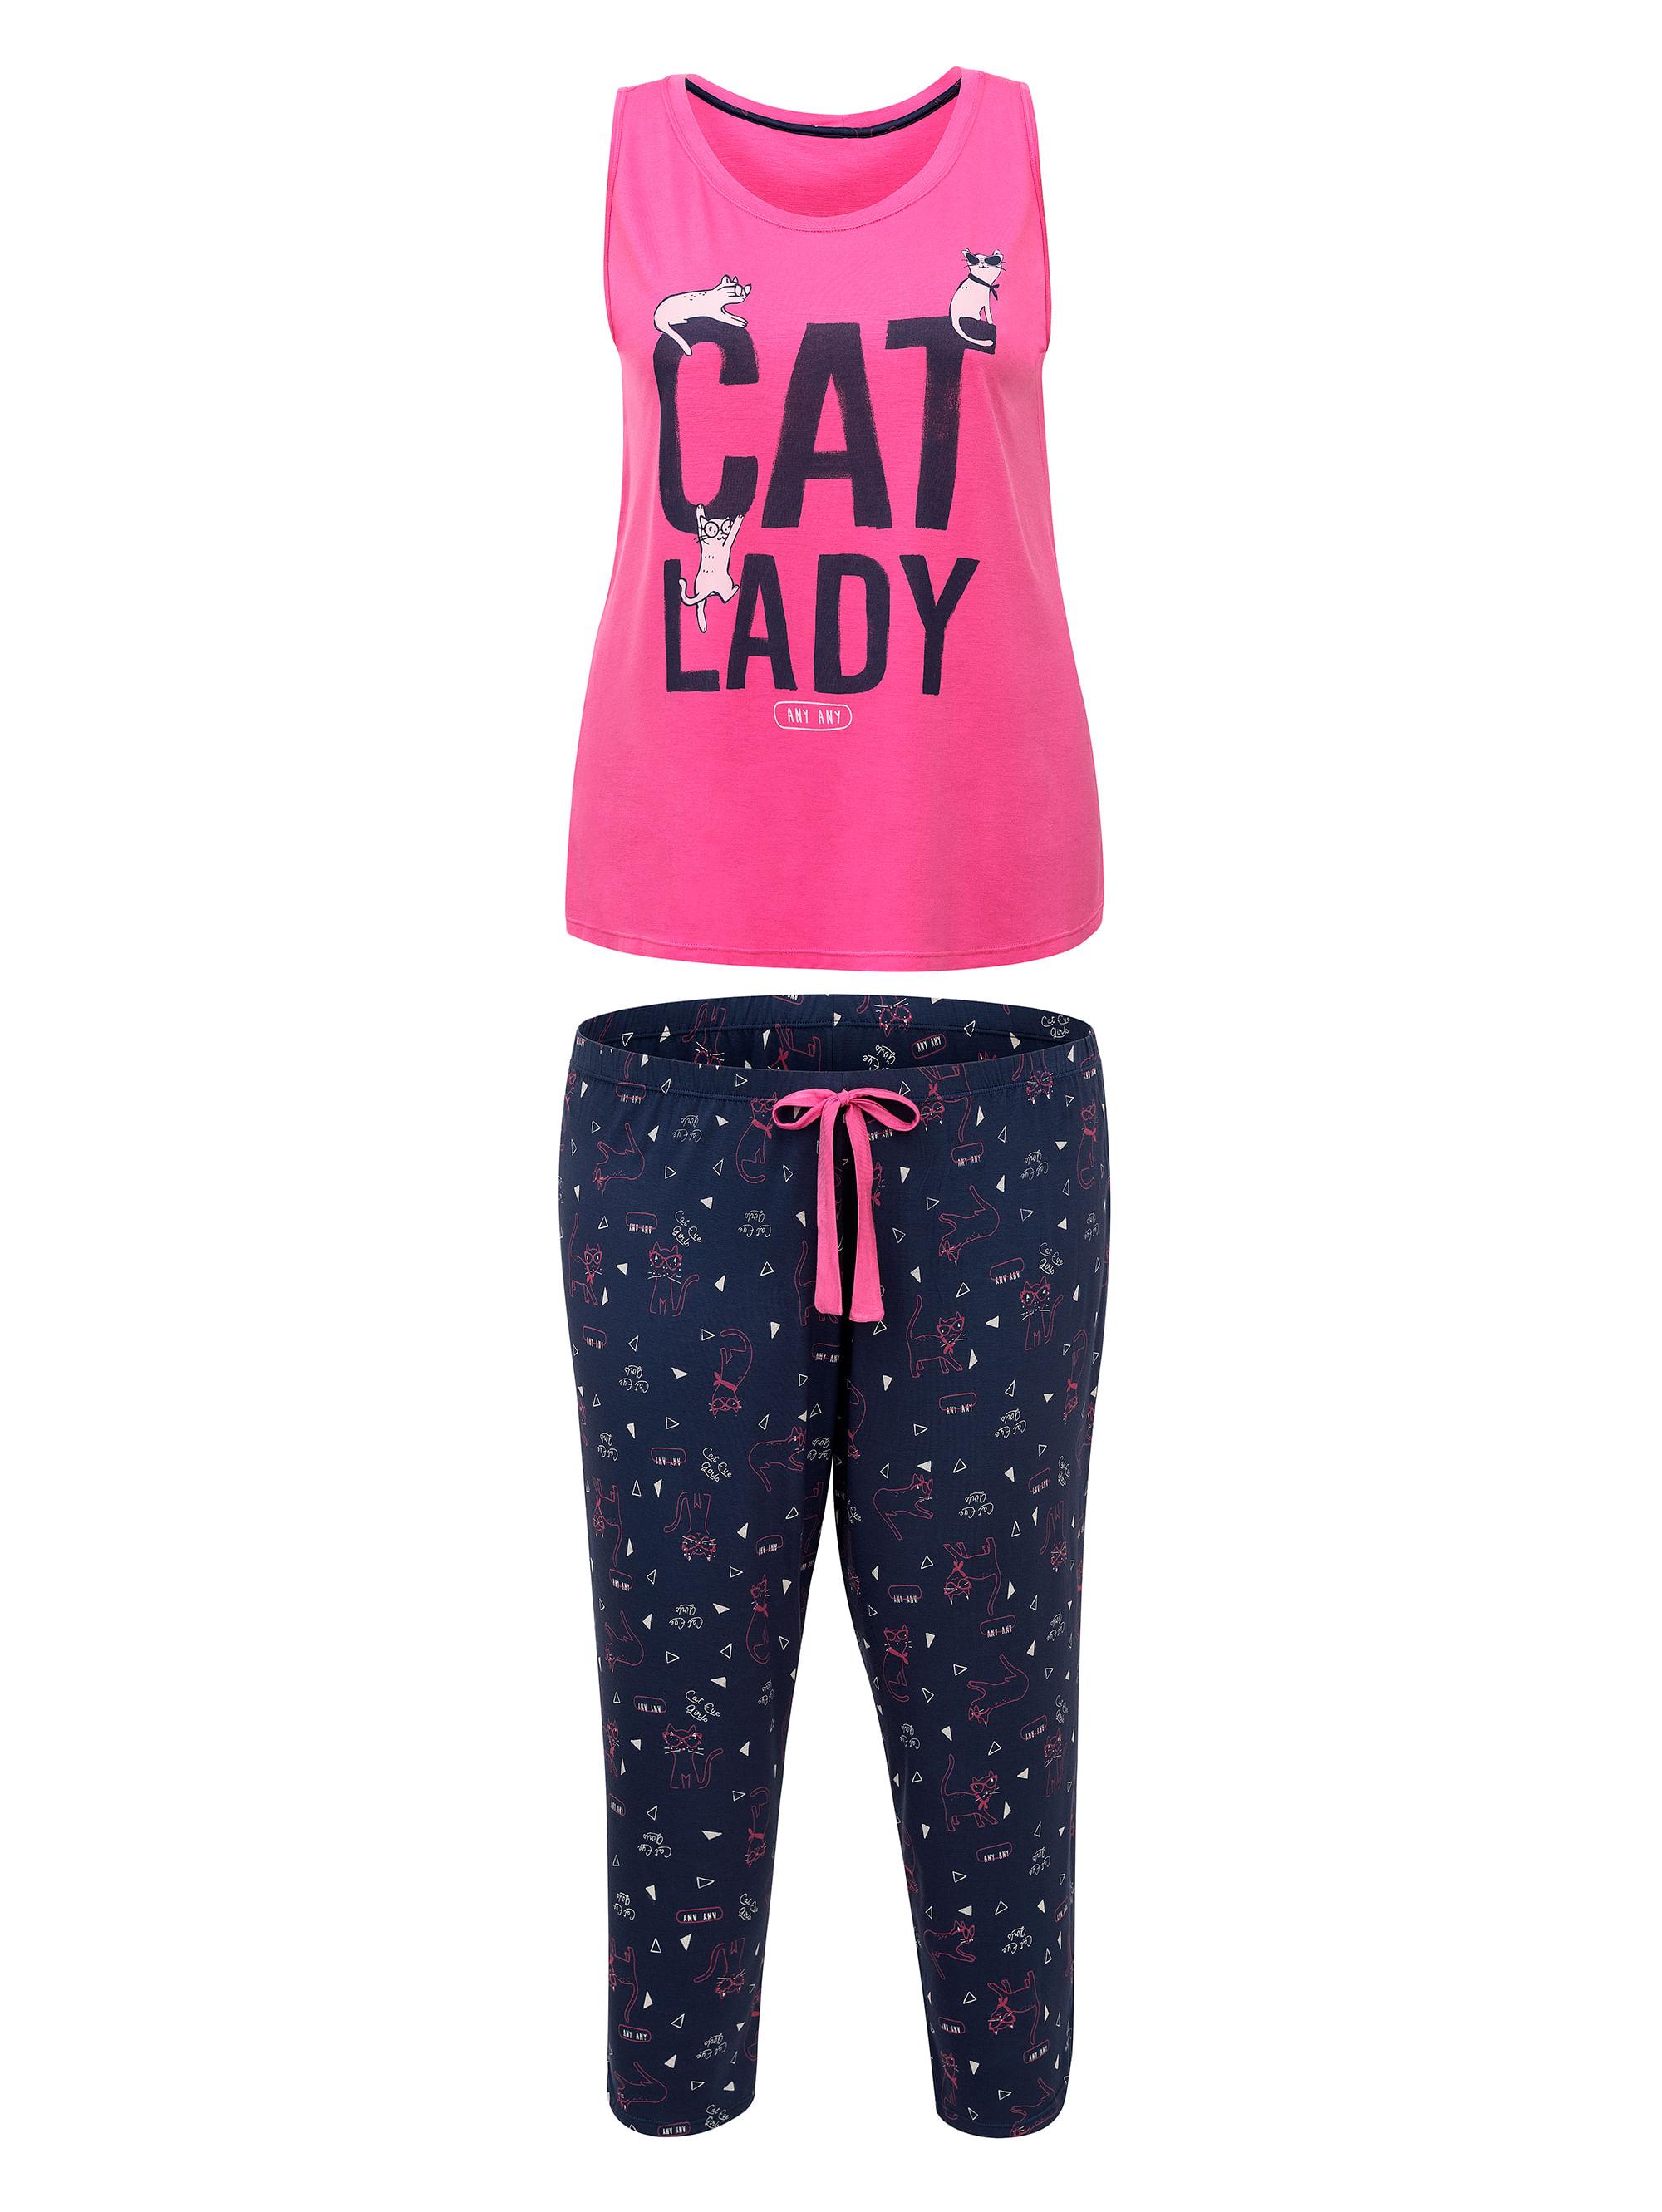 CAP-RG-SS-CAT-LADY-04.03.0551